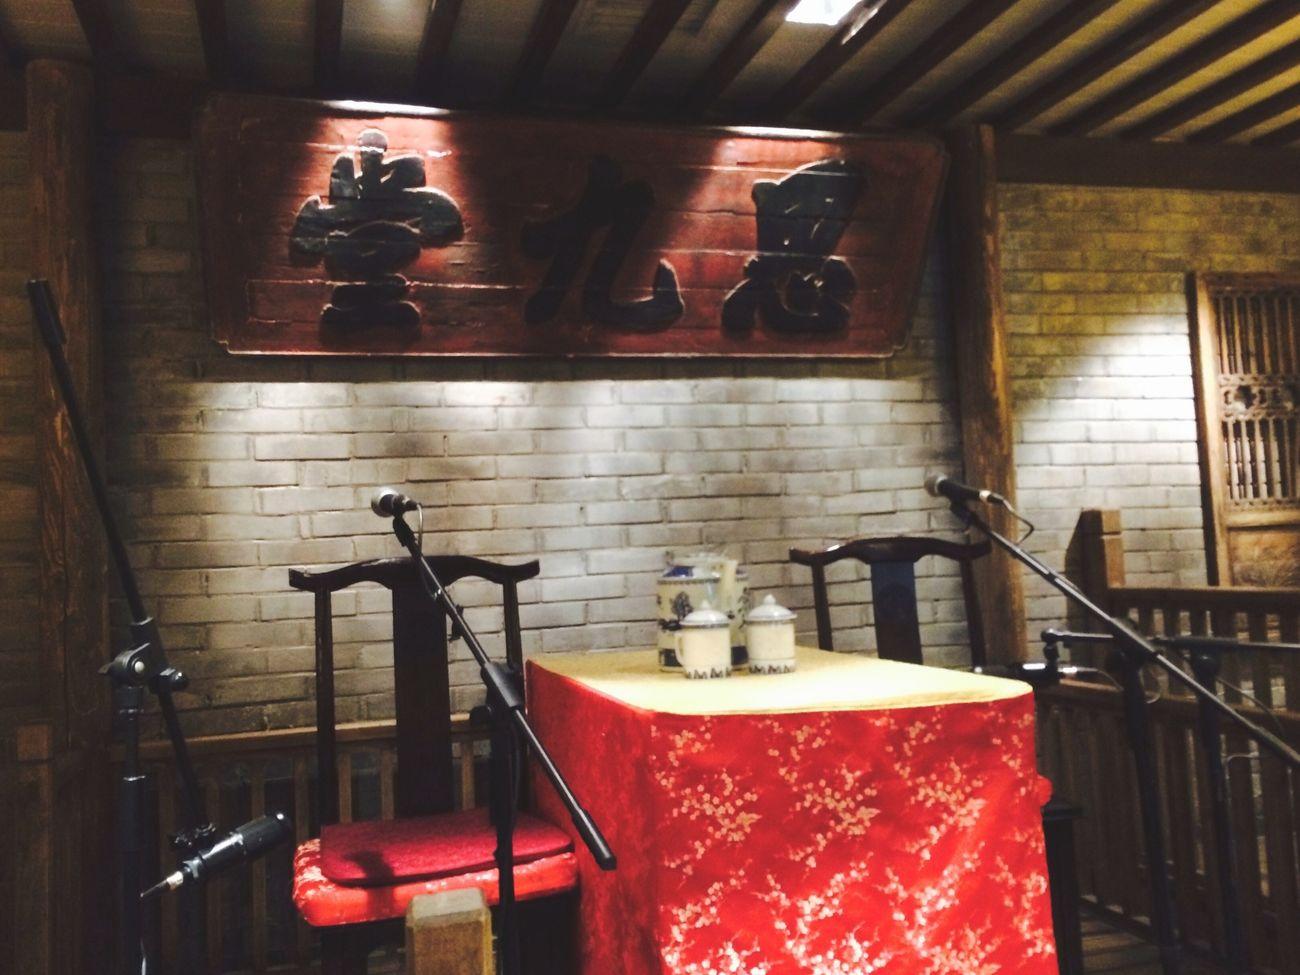 九思堂 Nine Thoughts Hall ,China old fashion Interior Design Eye4photography  Taking Photos Streetphotography